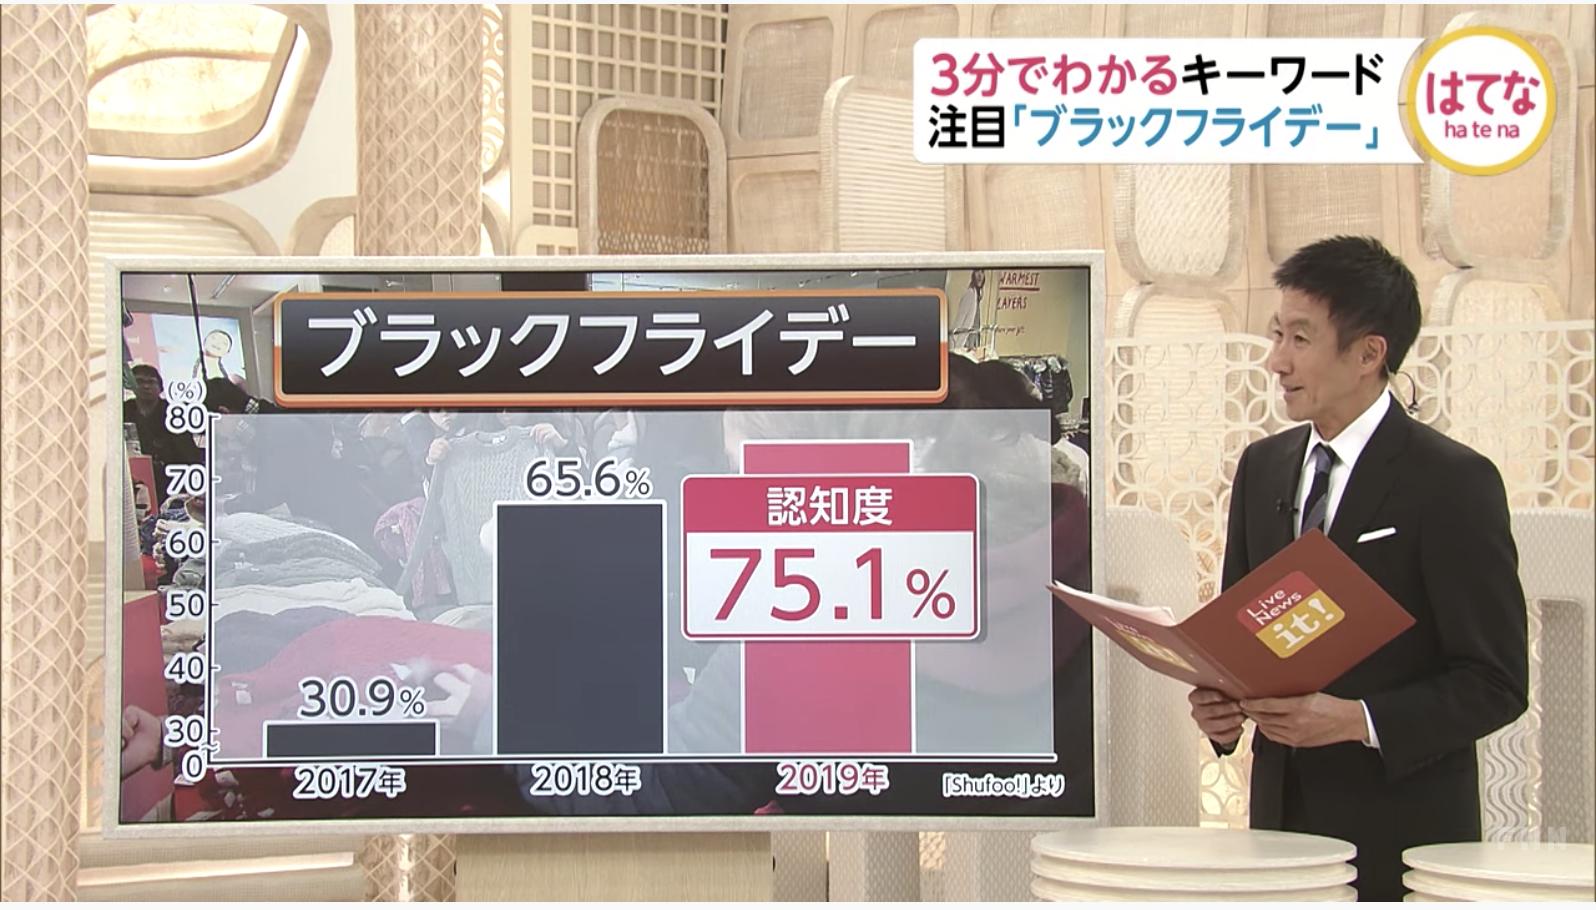 【解説】日本でも広がる「ブラックフライデー」って?